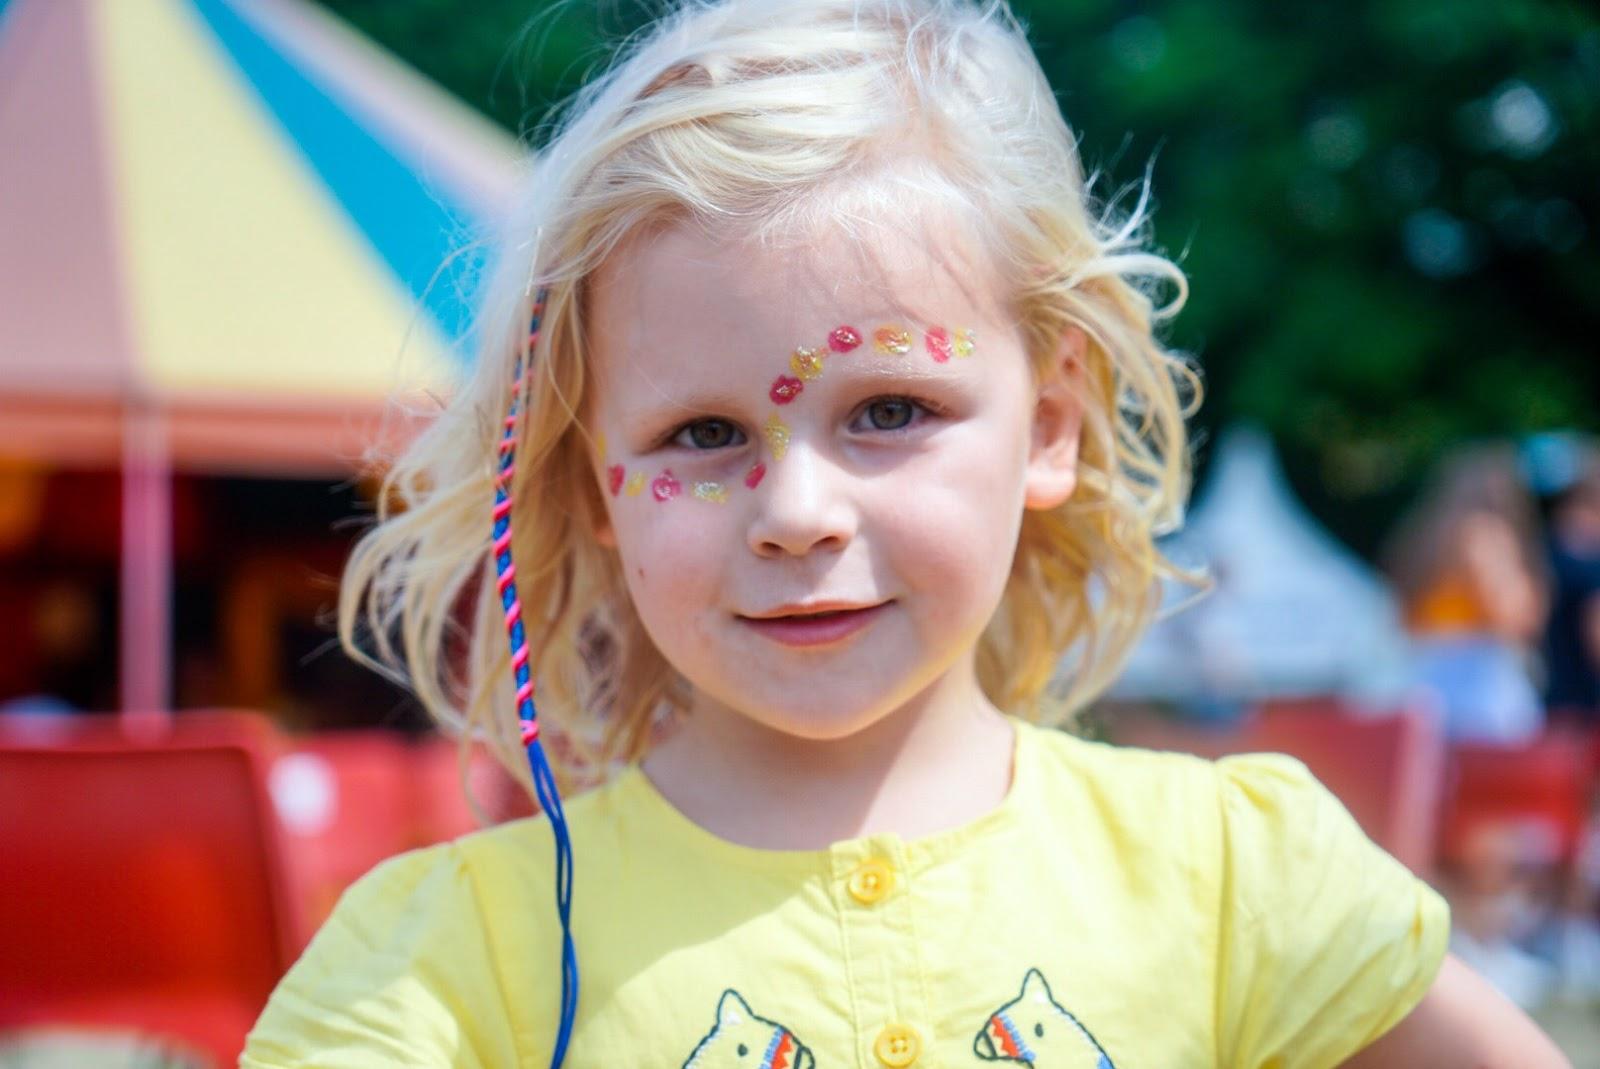 llangollen eisteddfod for kids?